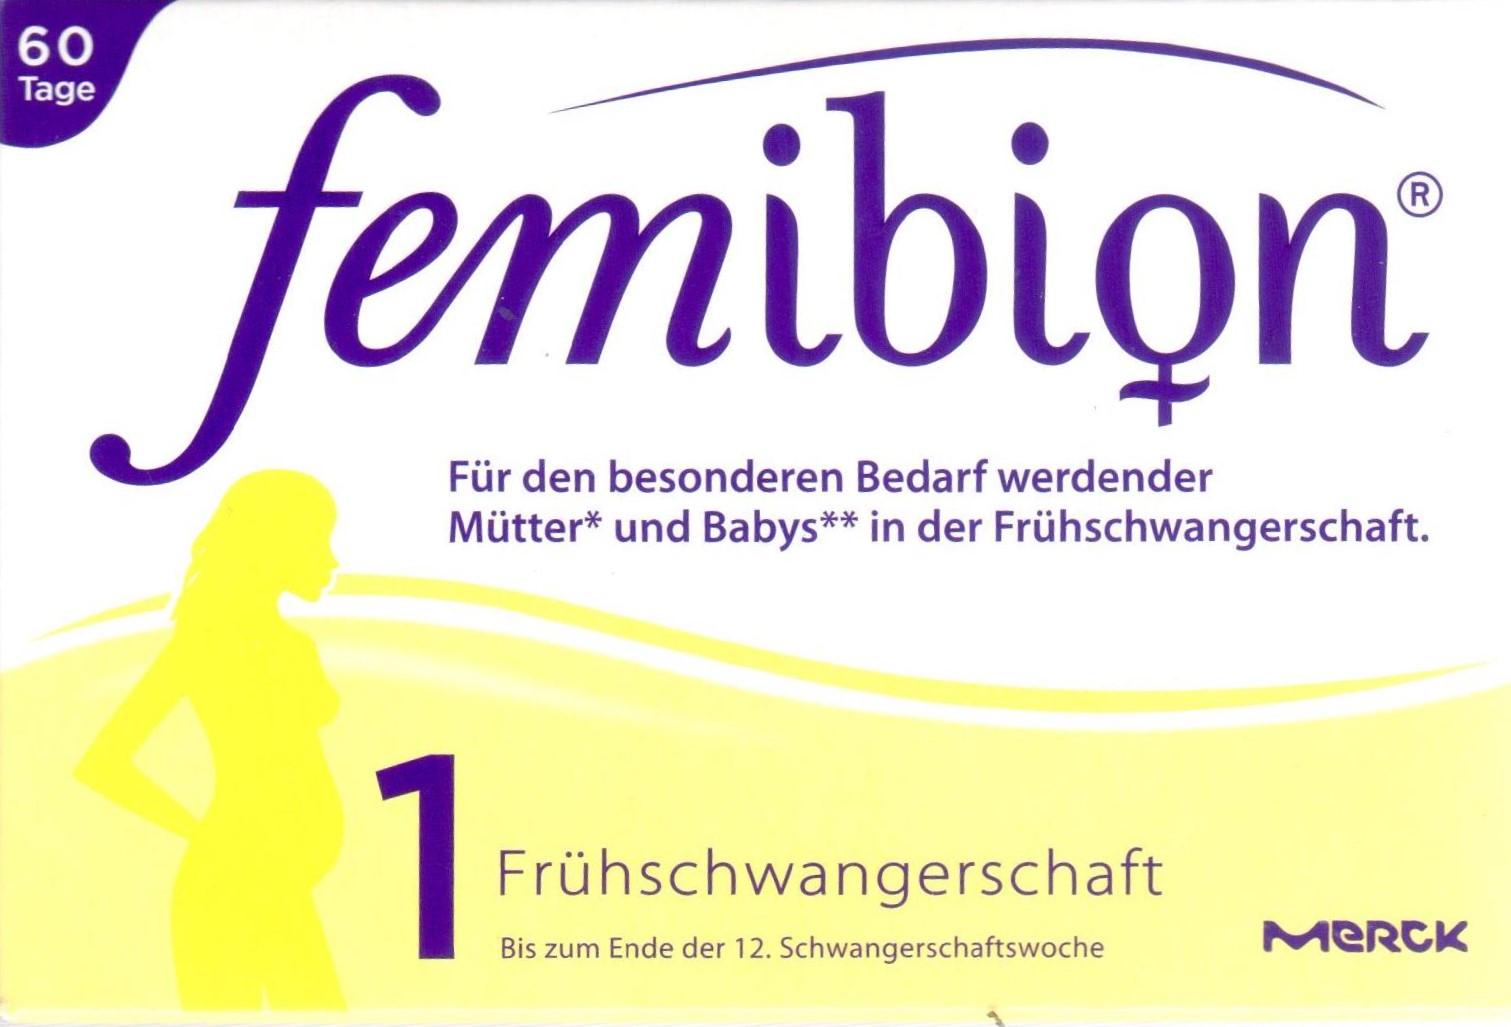 Femibion 1 Frühschwangerschaft Tab 56 St. 15199970 Schwanger